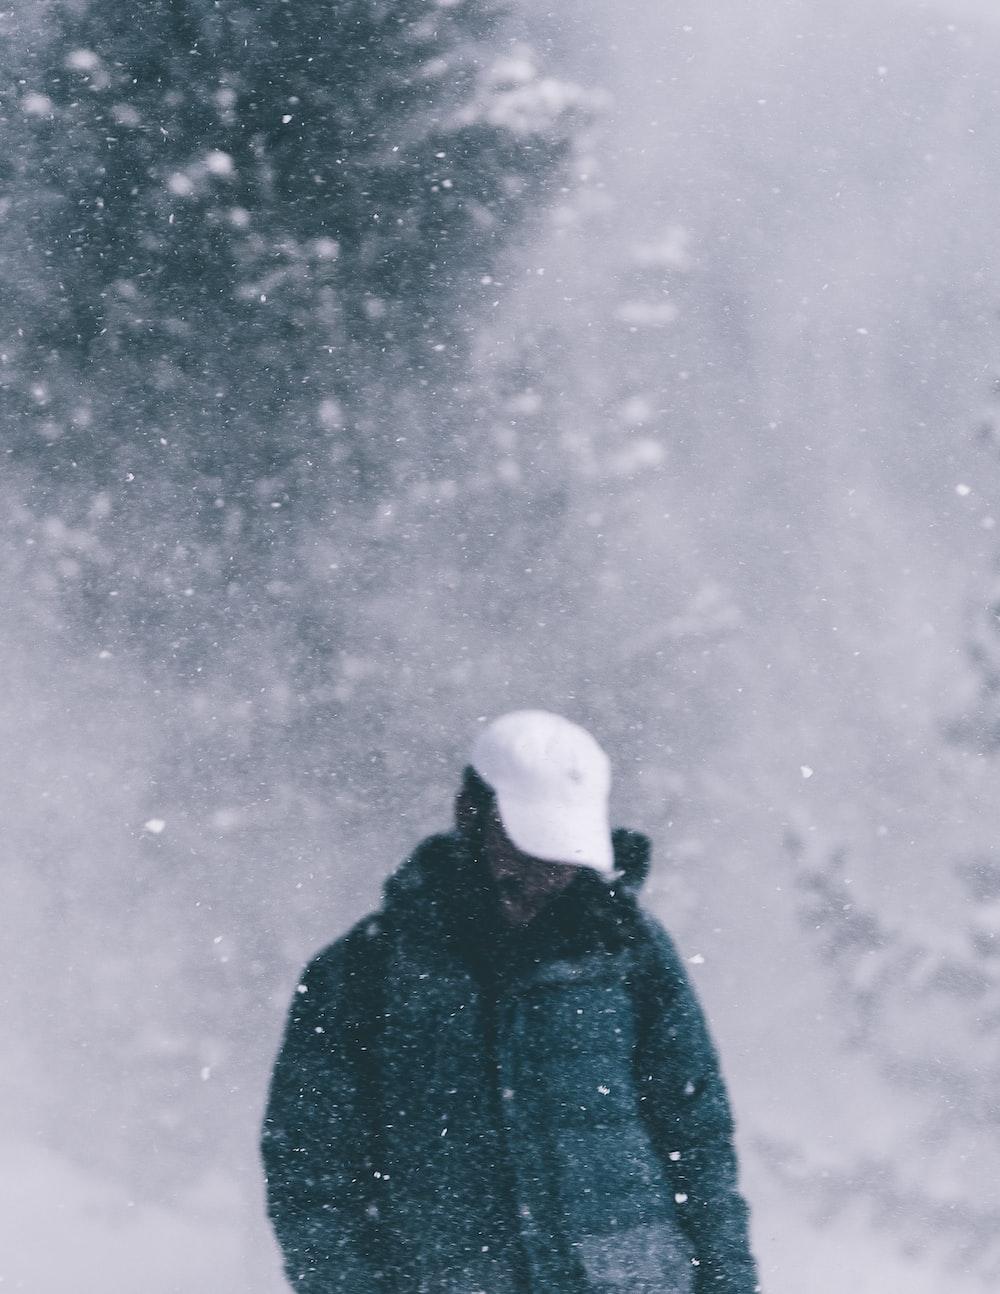 man wearing black snowsuit during winter